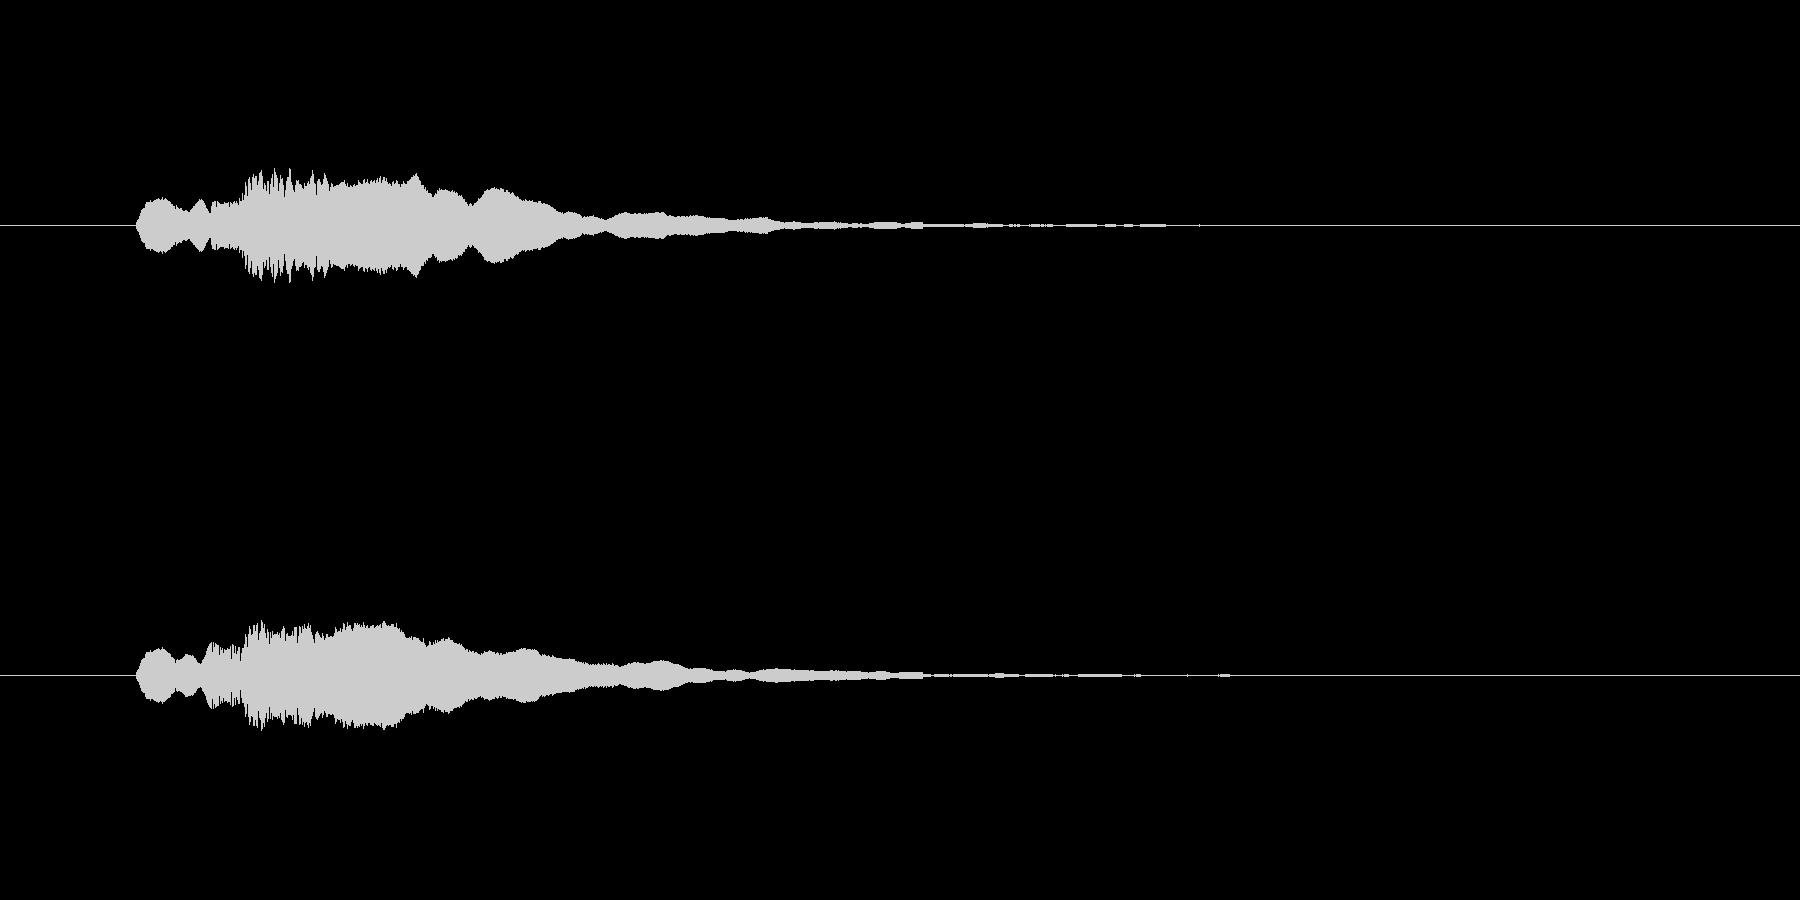 キュピーン(ひらめく、きらめくSE)の未再生の波形